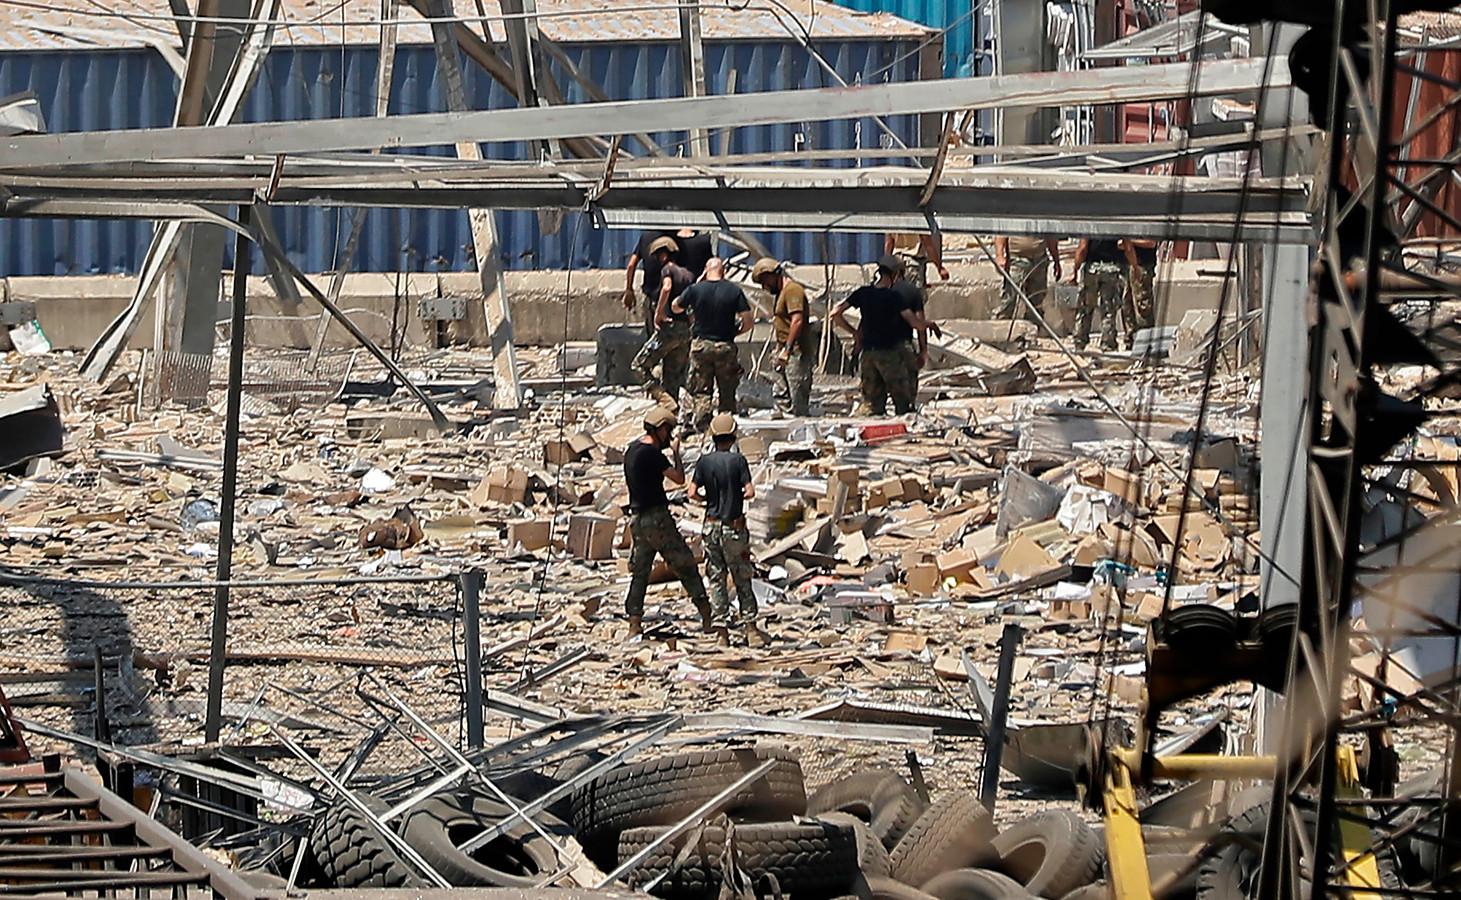 In de haven van Beiroet zoeken reddingswerkers en burgers naar overlevenden van de enorme explosie die gisteren een deel van de stad verwoestte.